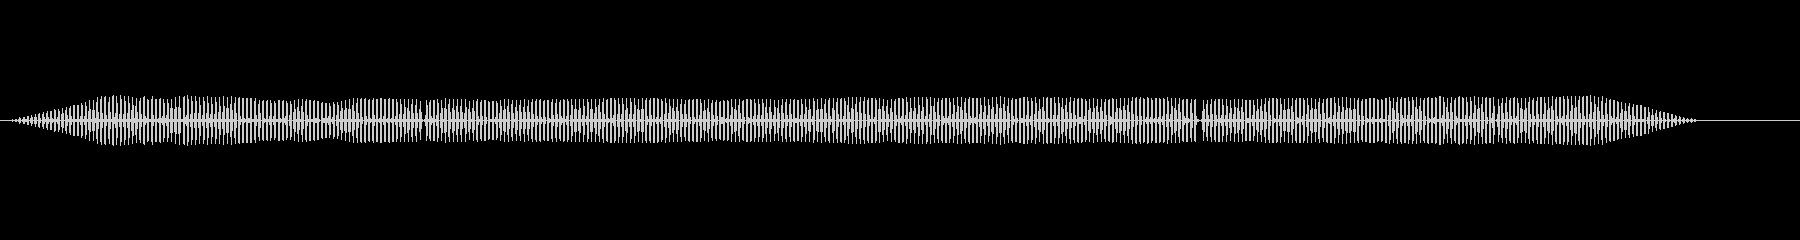 クリケット_シガラ-の未再生の波形